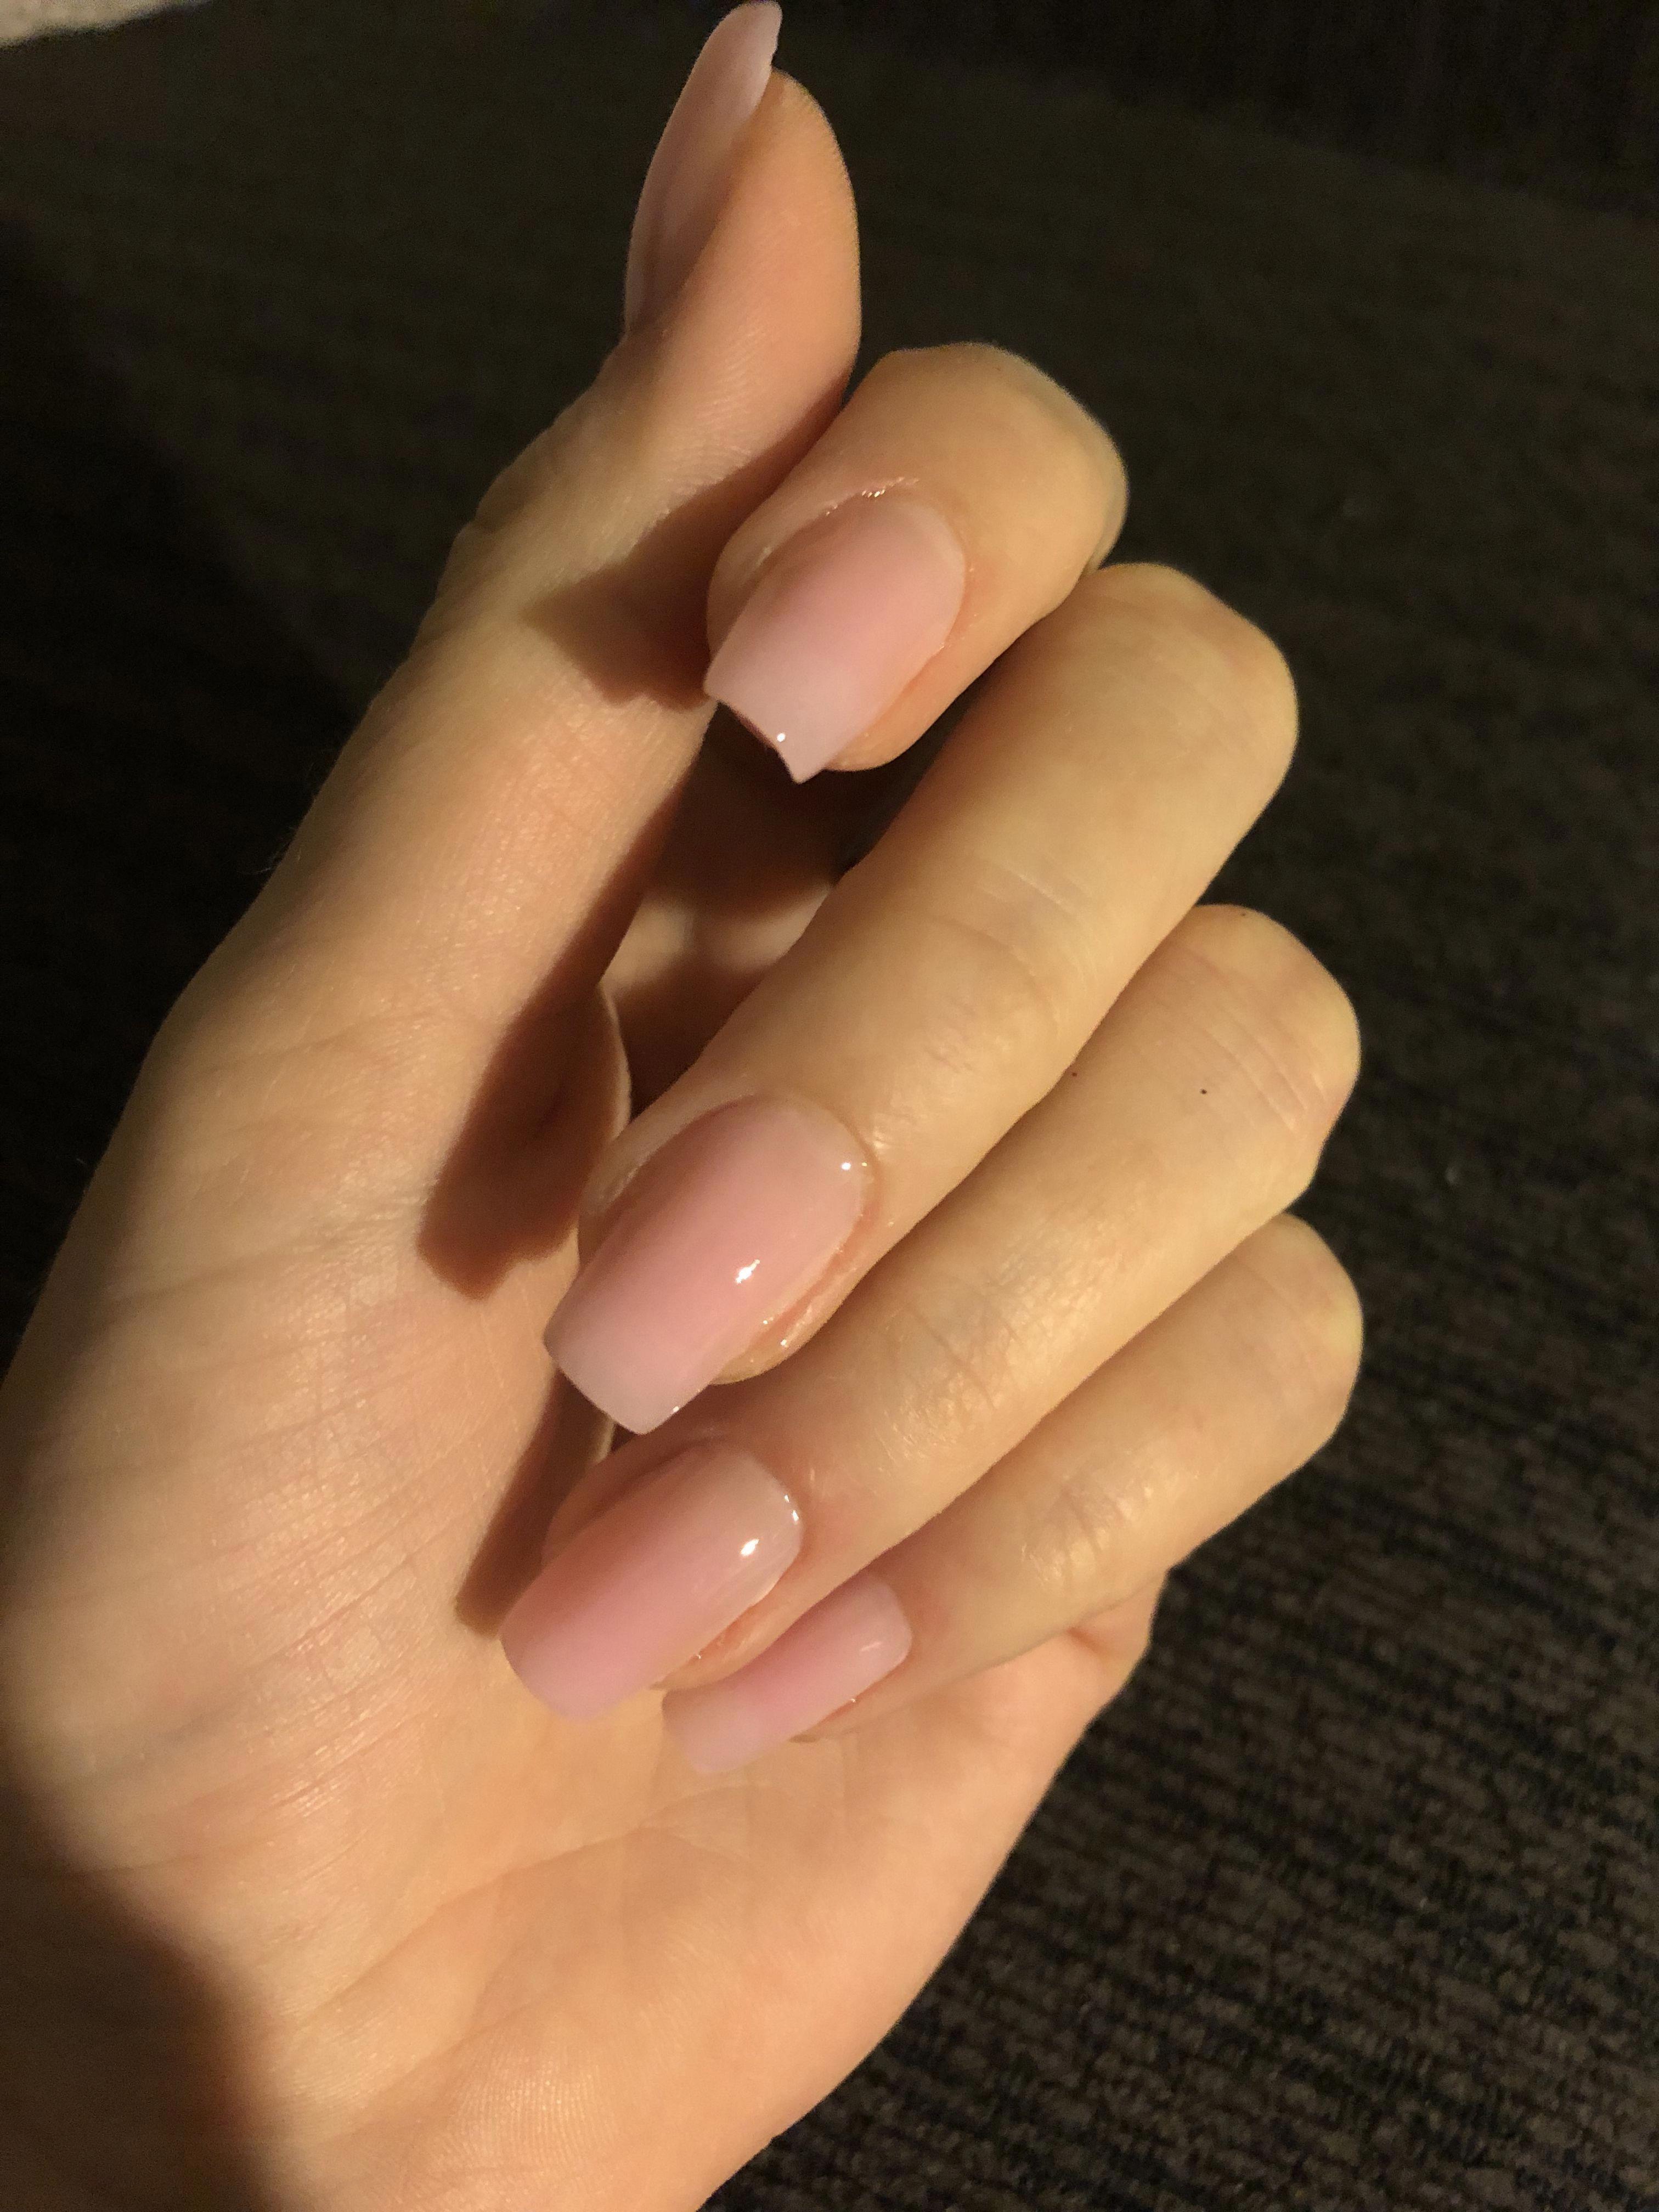 Polygel Nails Polygel Nails Natural Beauty Polygelnagel Polygel Nails Natural Beauty Beauty Curl In 2020 Hard Gel Nails Polygel Nails Natural Acrylic Nails